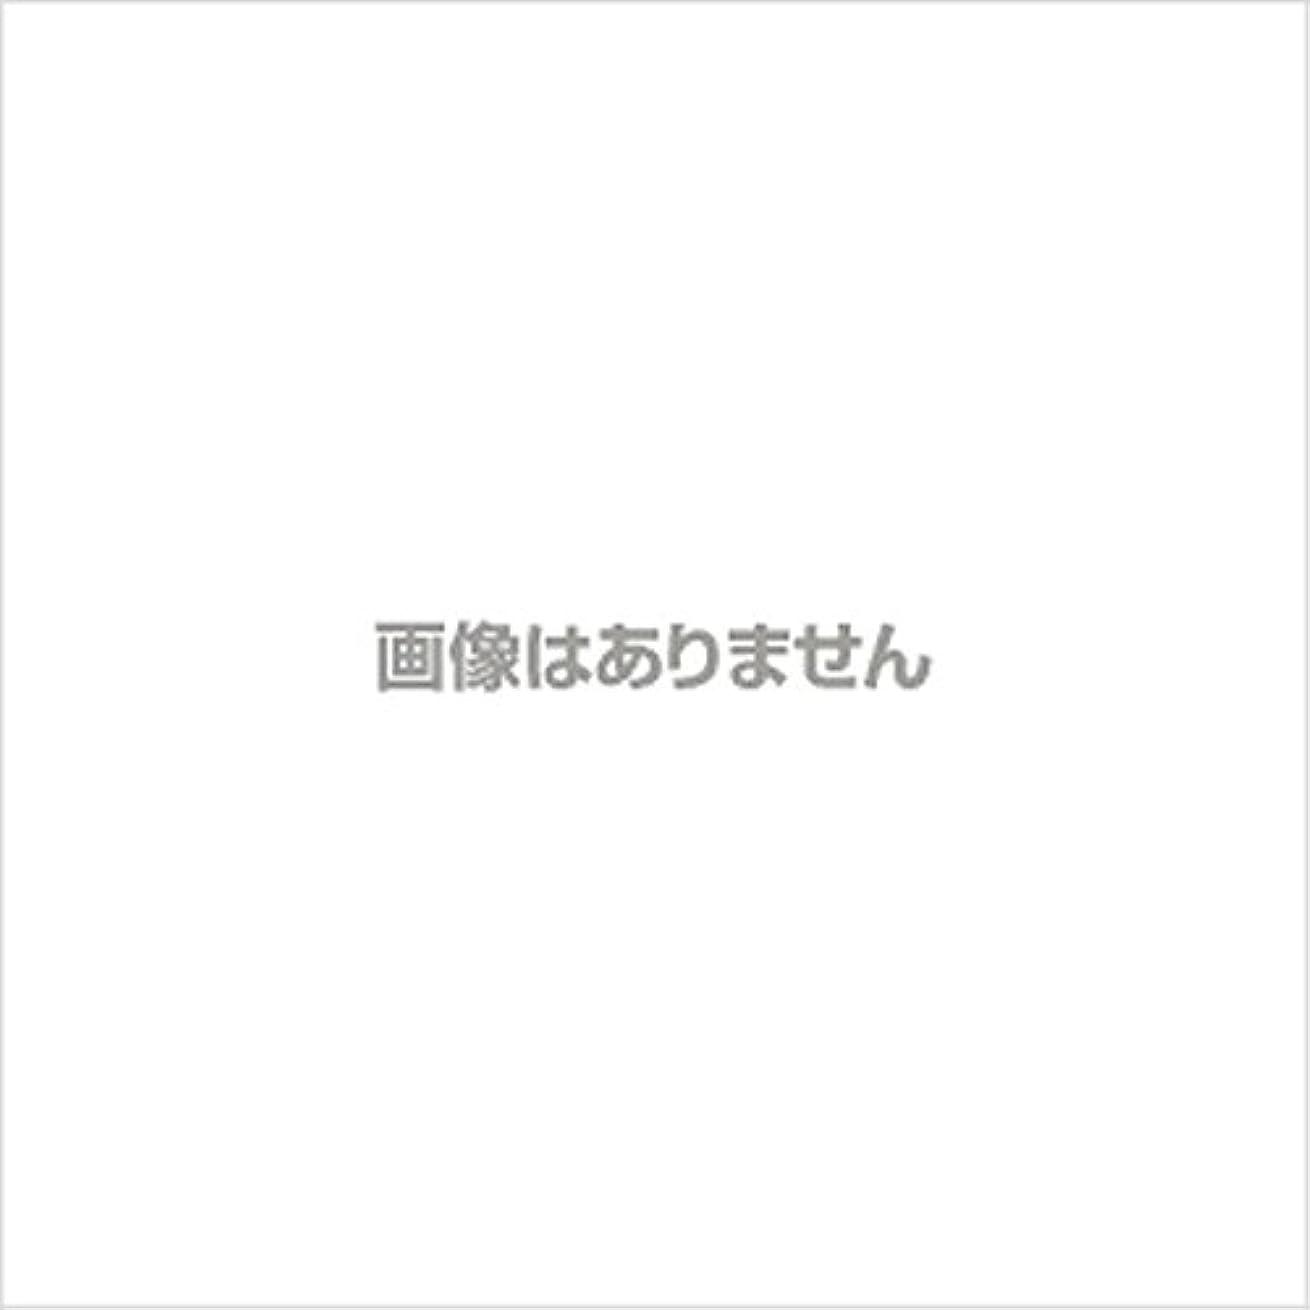 ロック酸度前置詞新発売】EBUKEA エブケアNO1004 プラスチックグローブ(パウダーフリー?粉なし)Mサイズ 100枚入(極薄?半透明)